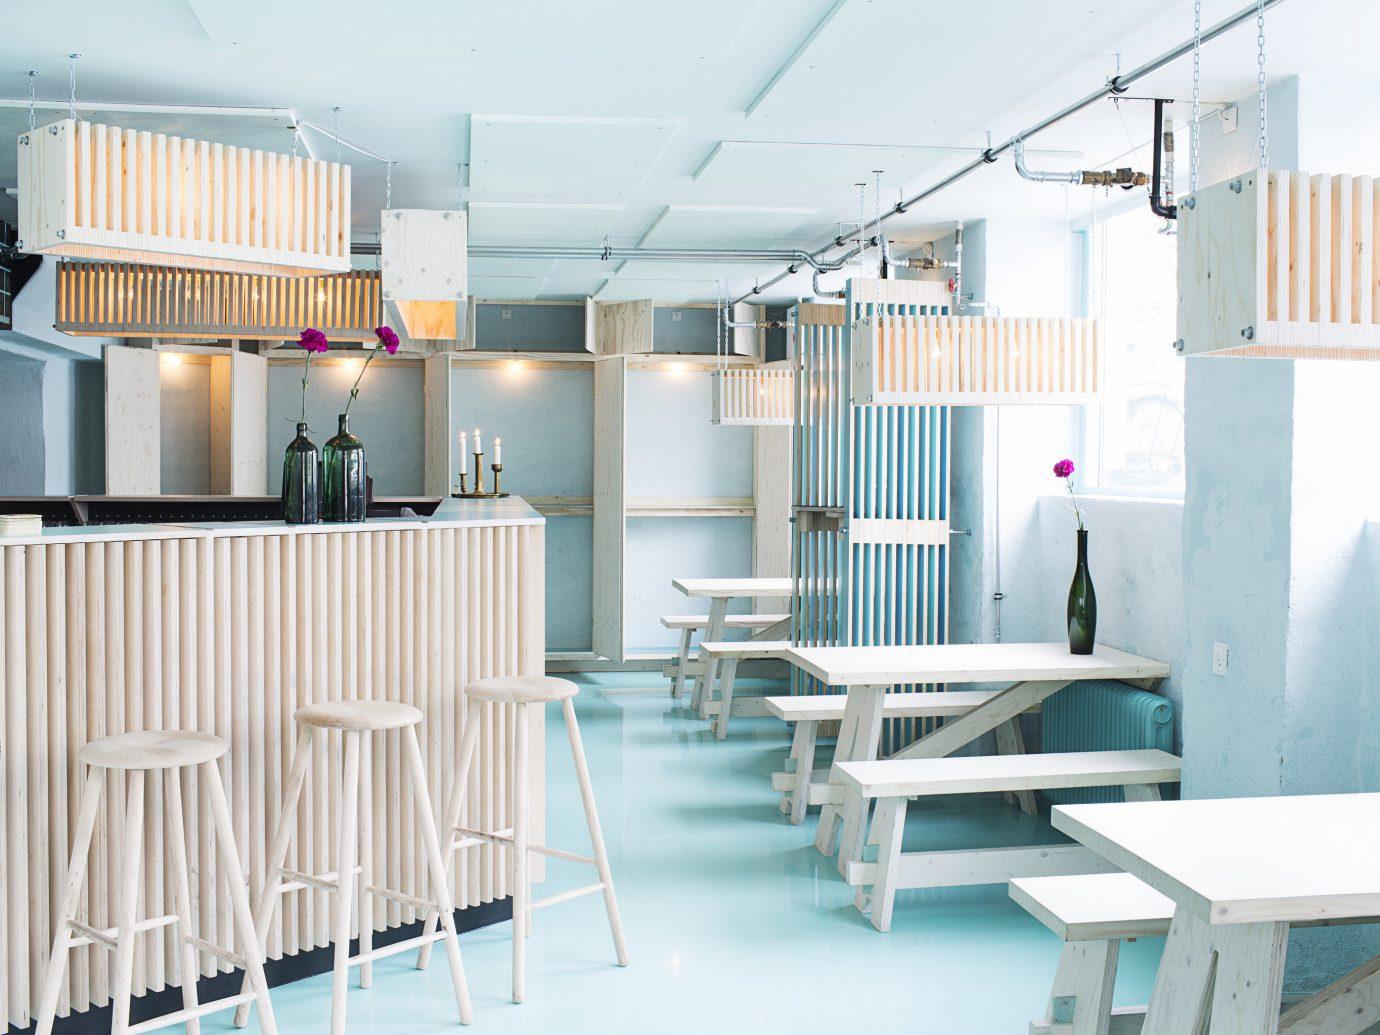 Copenhagen Denmark Trip Ideas interior design furniture product design table interior designer